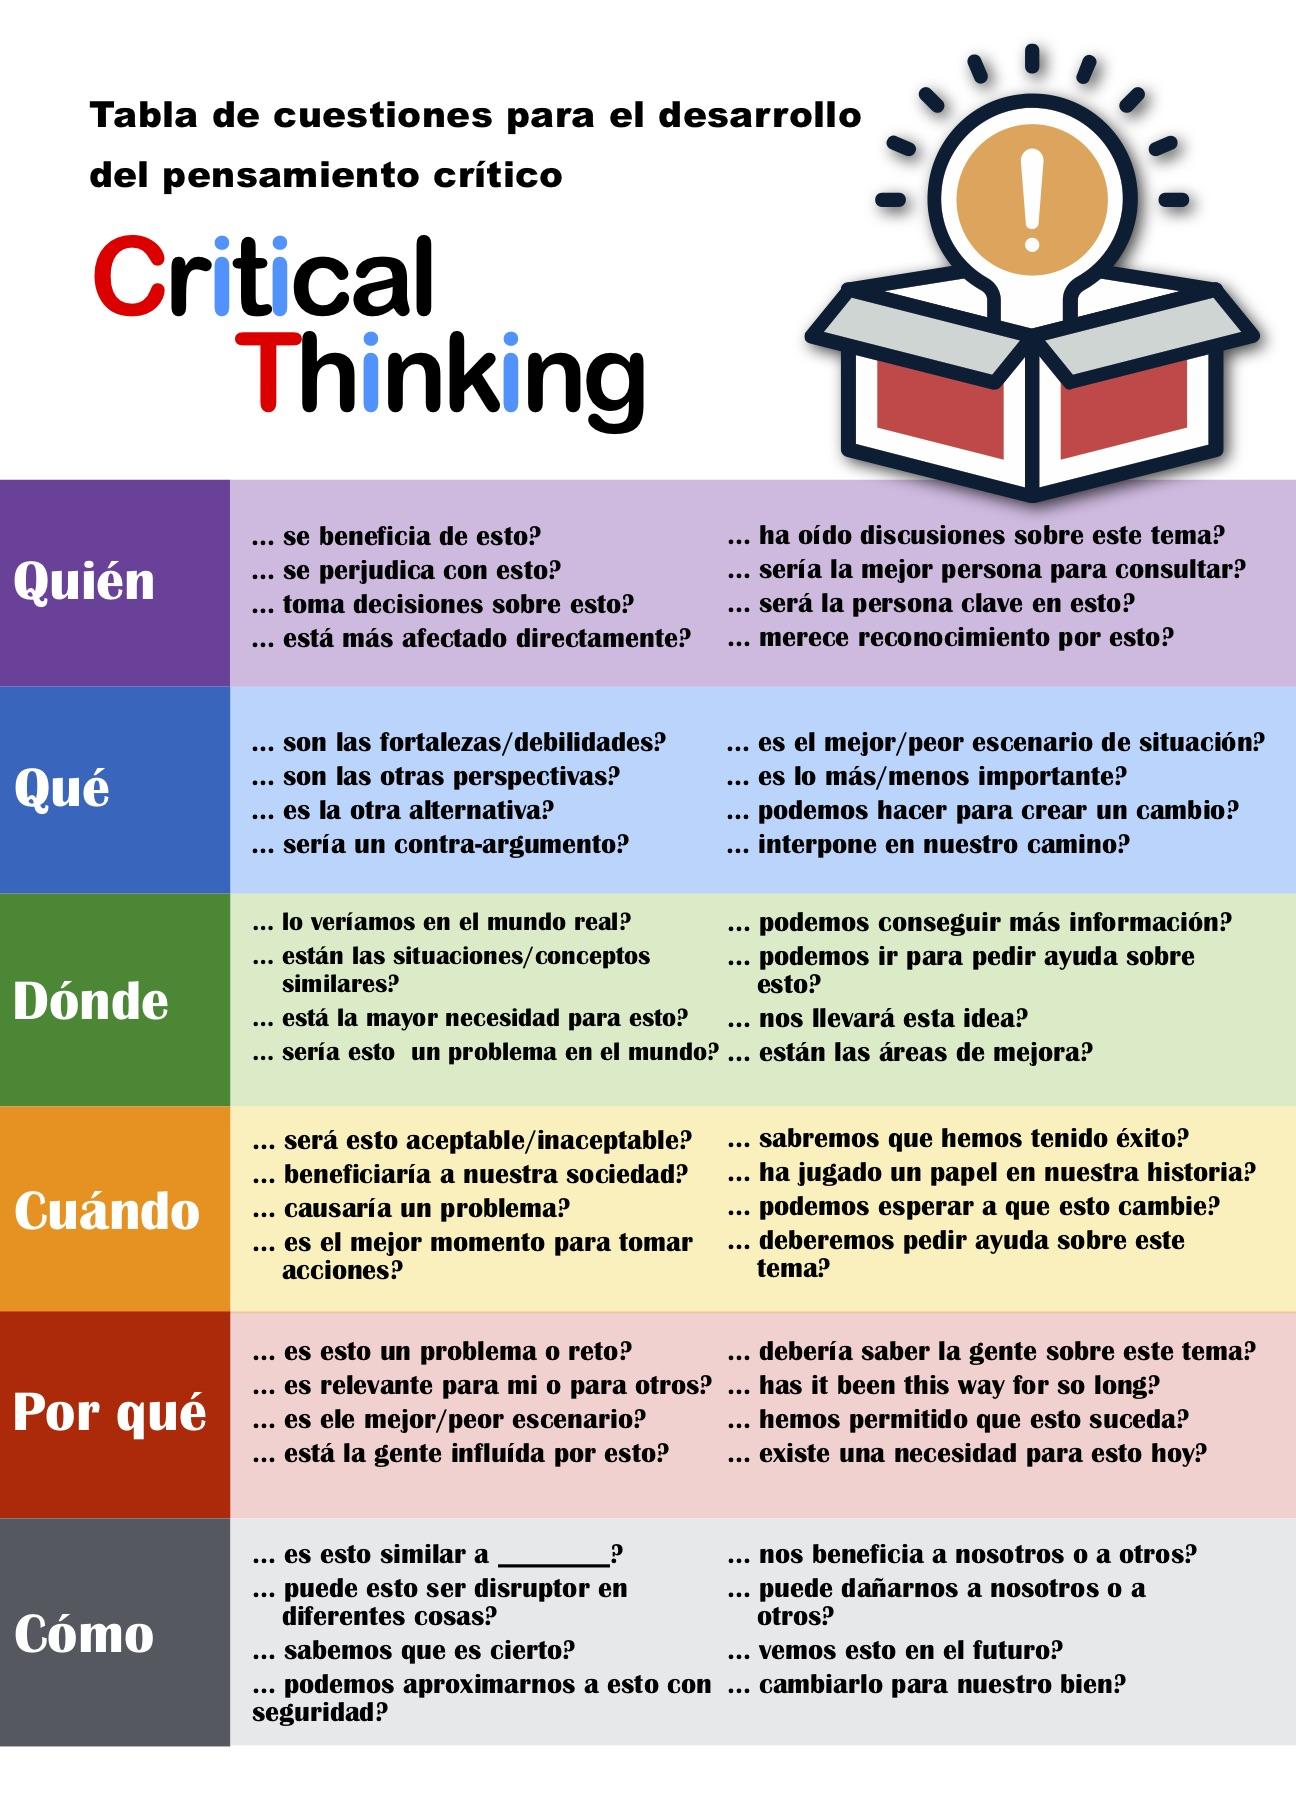 Pensamiento critico preguntas.jpg